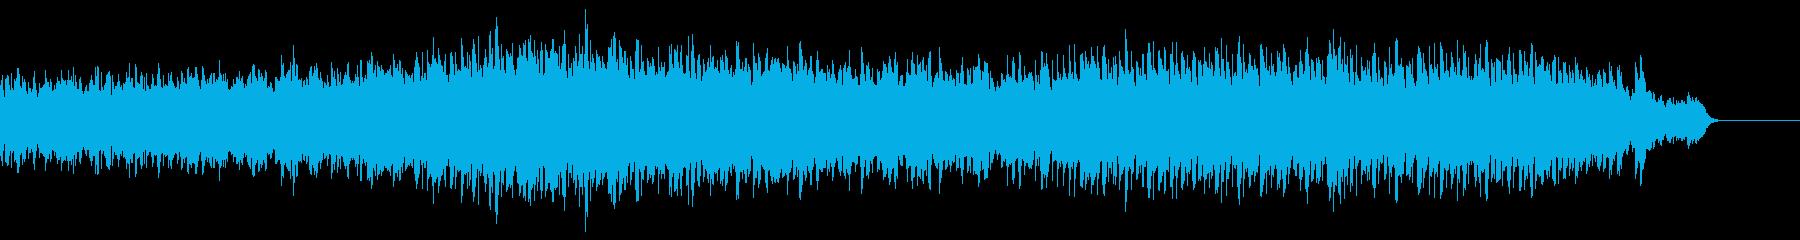 キラキラした感じのBGMの再生済みの波形